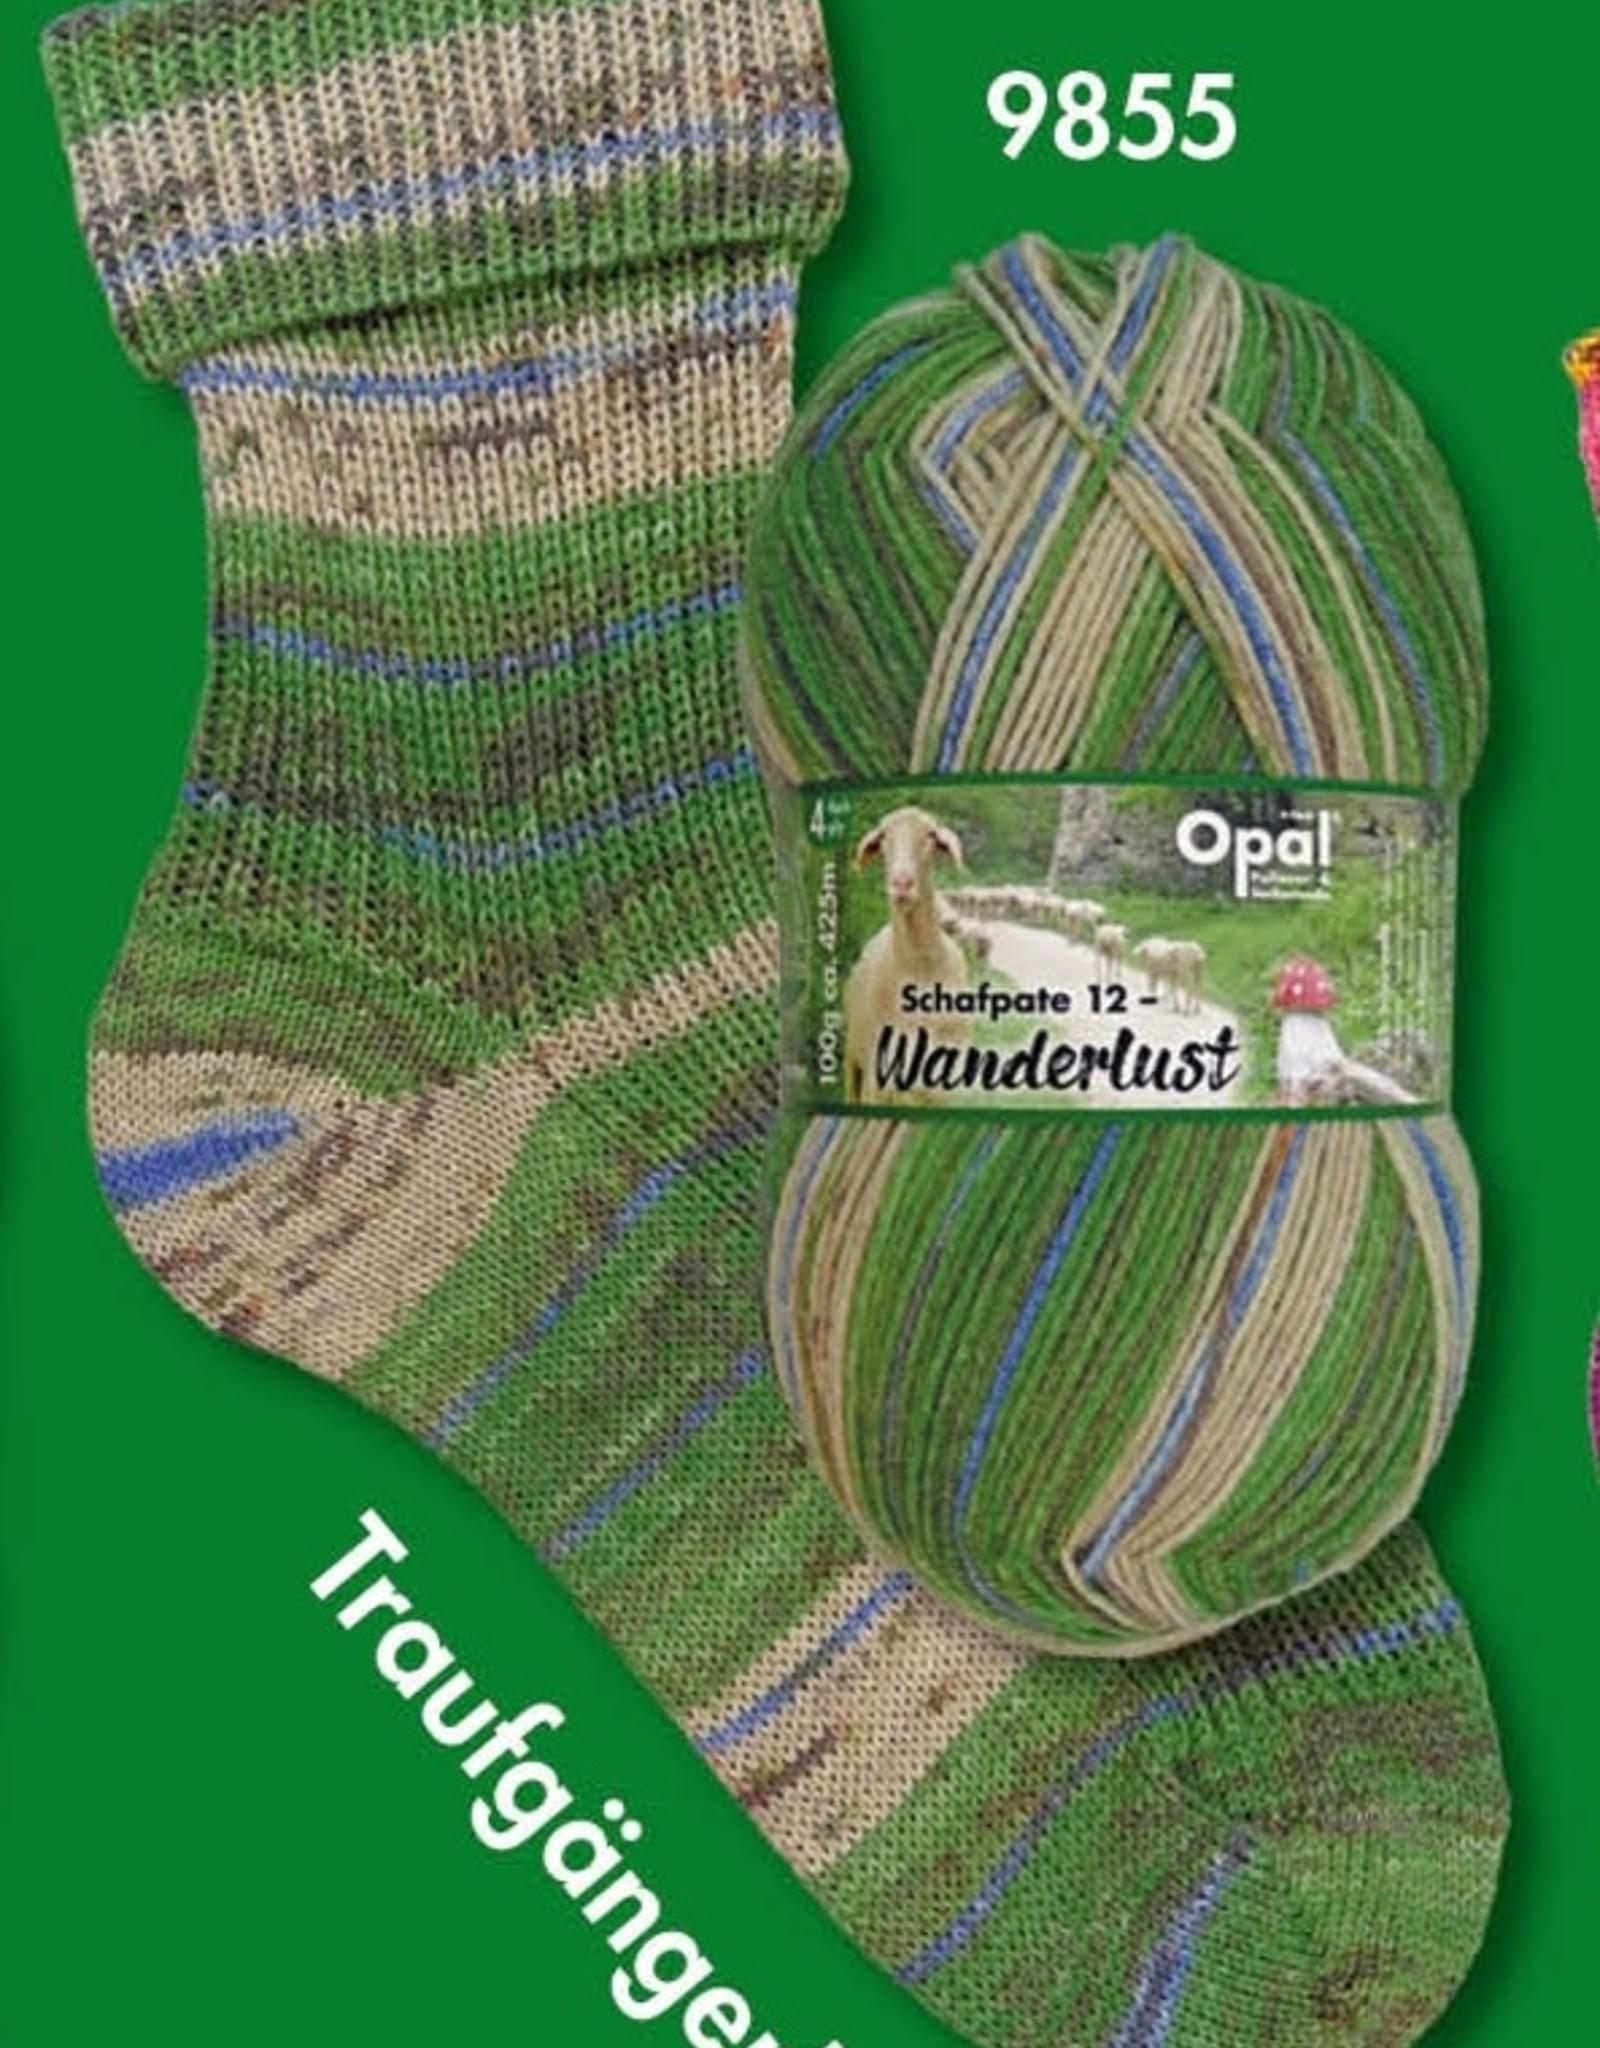 Opal - Schafpate 12 - Wanderlust 9855